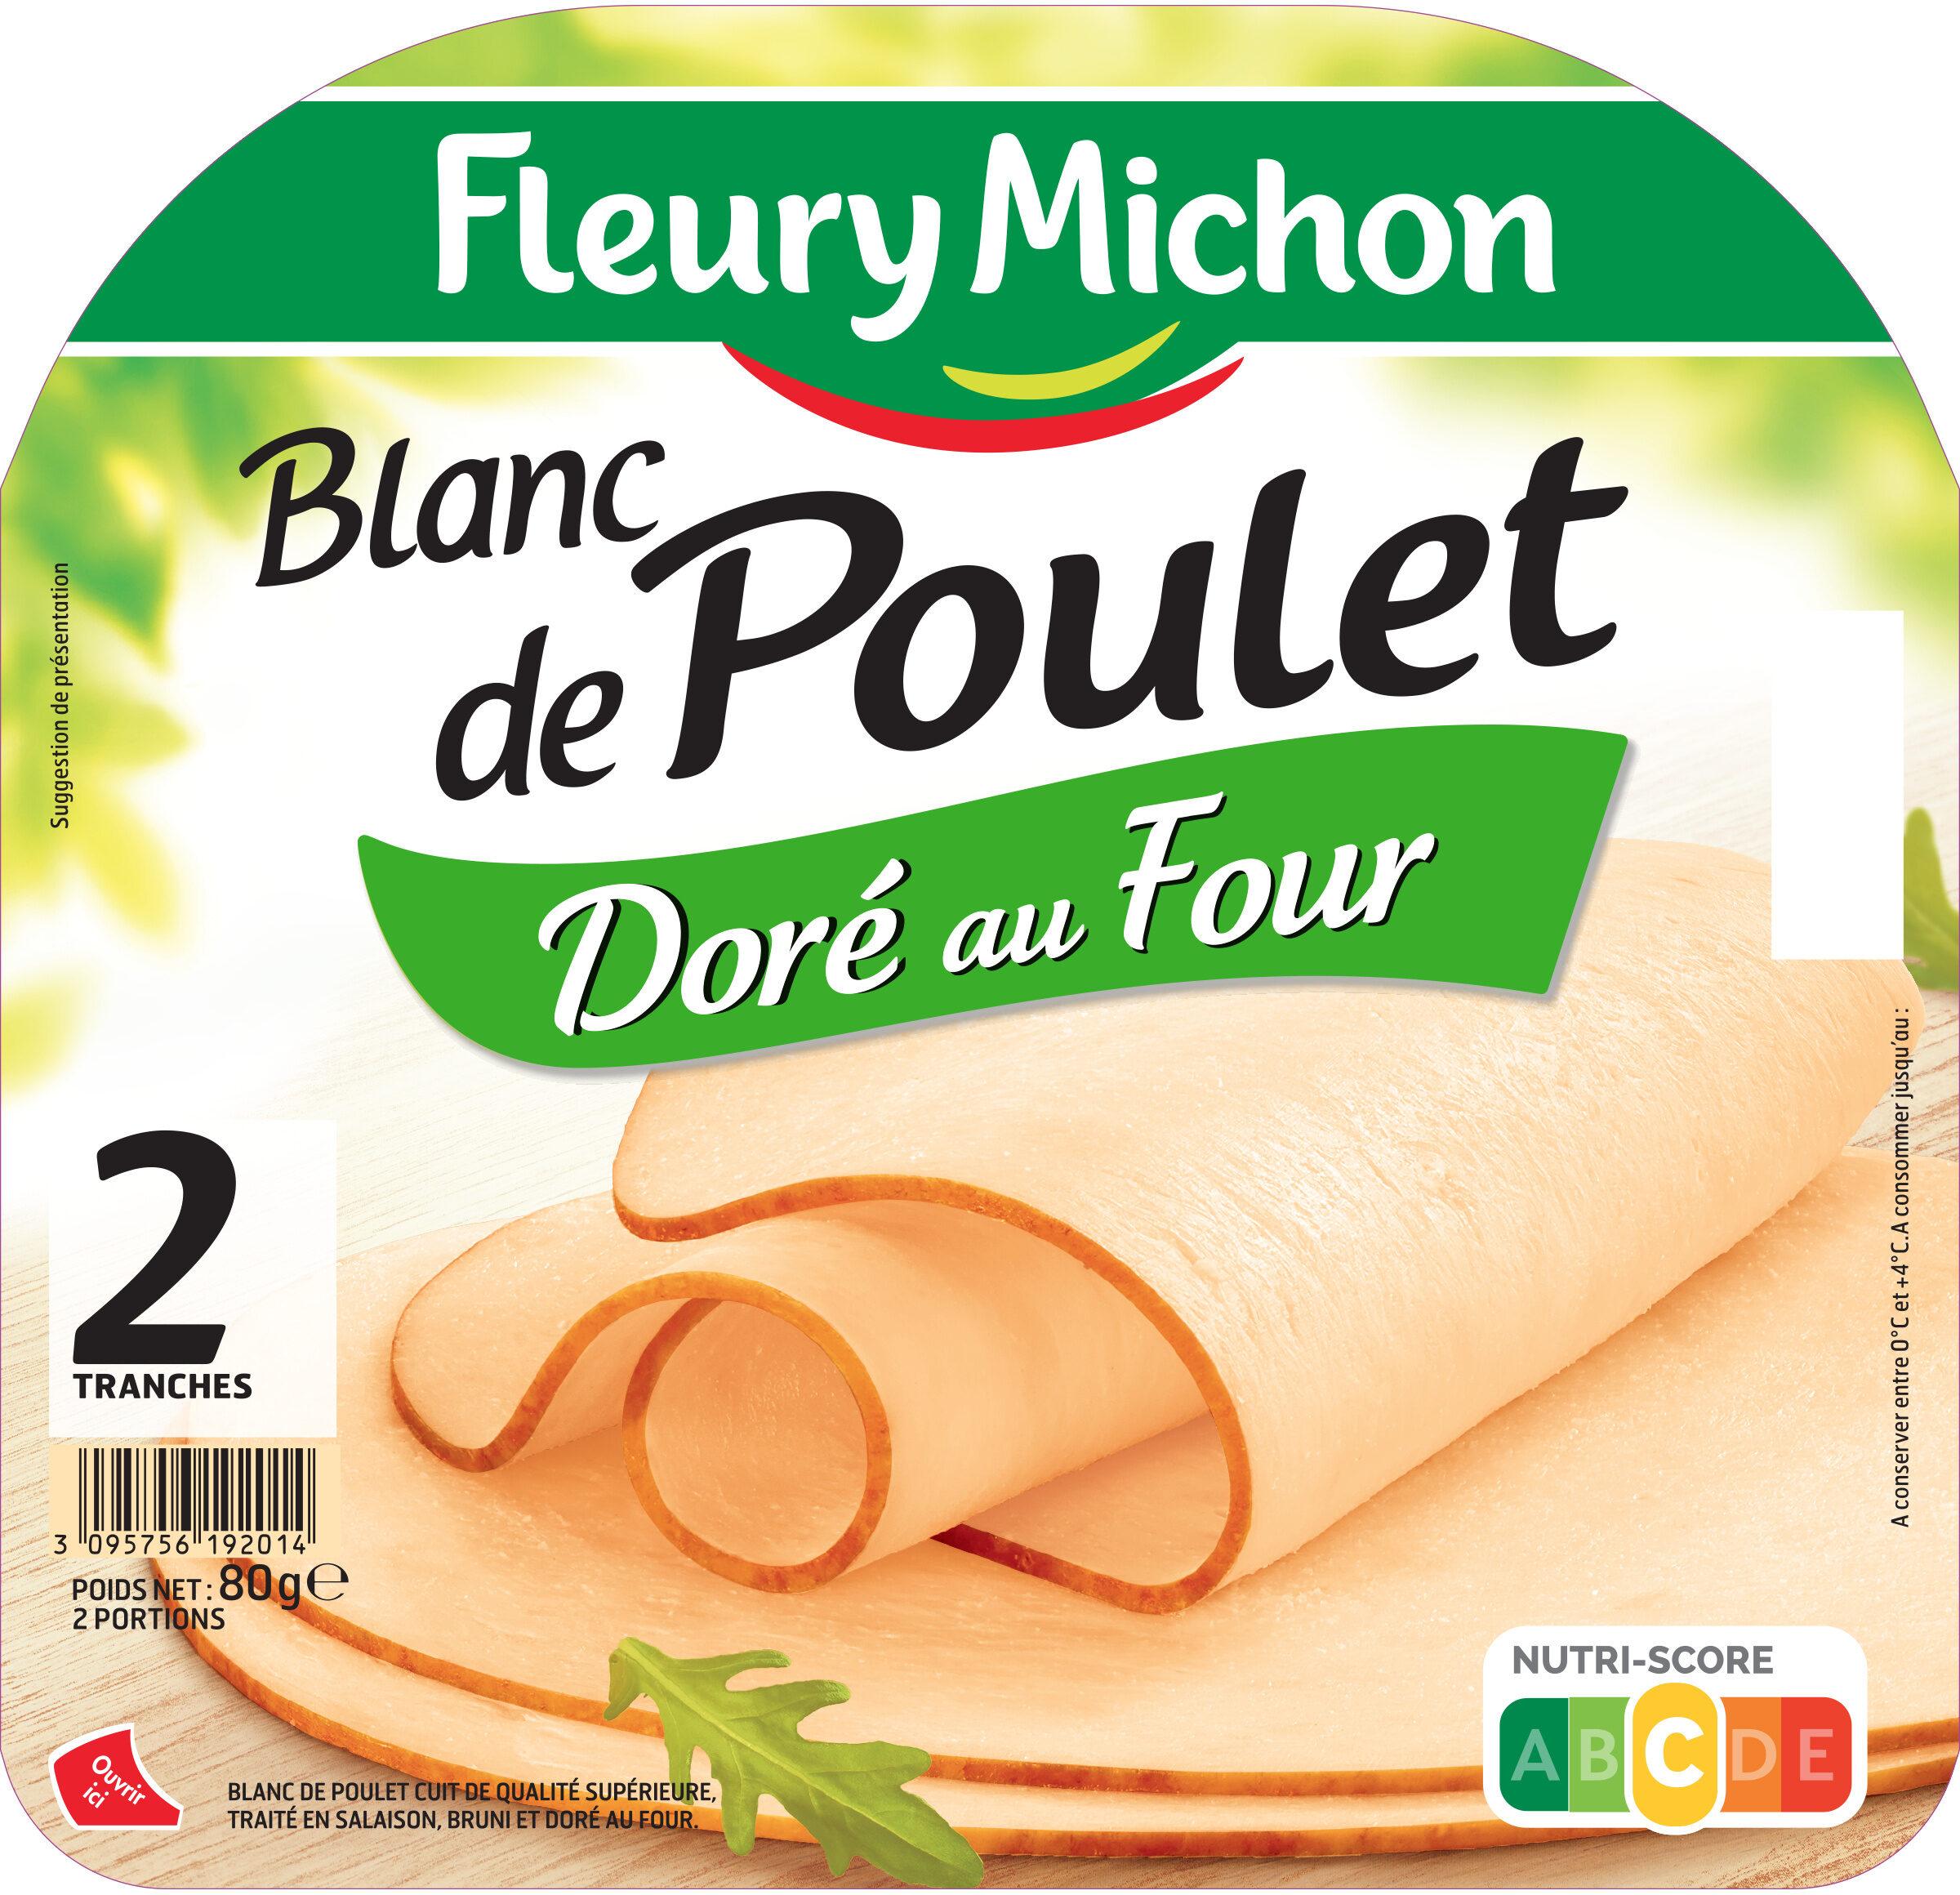 Blanc de poulet doré au four - 2 tranches - Product